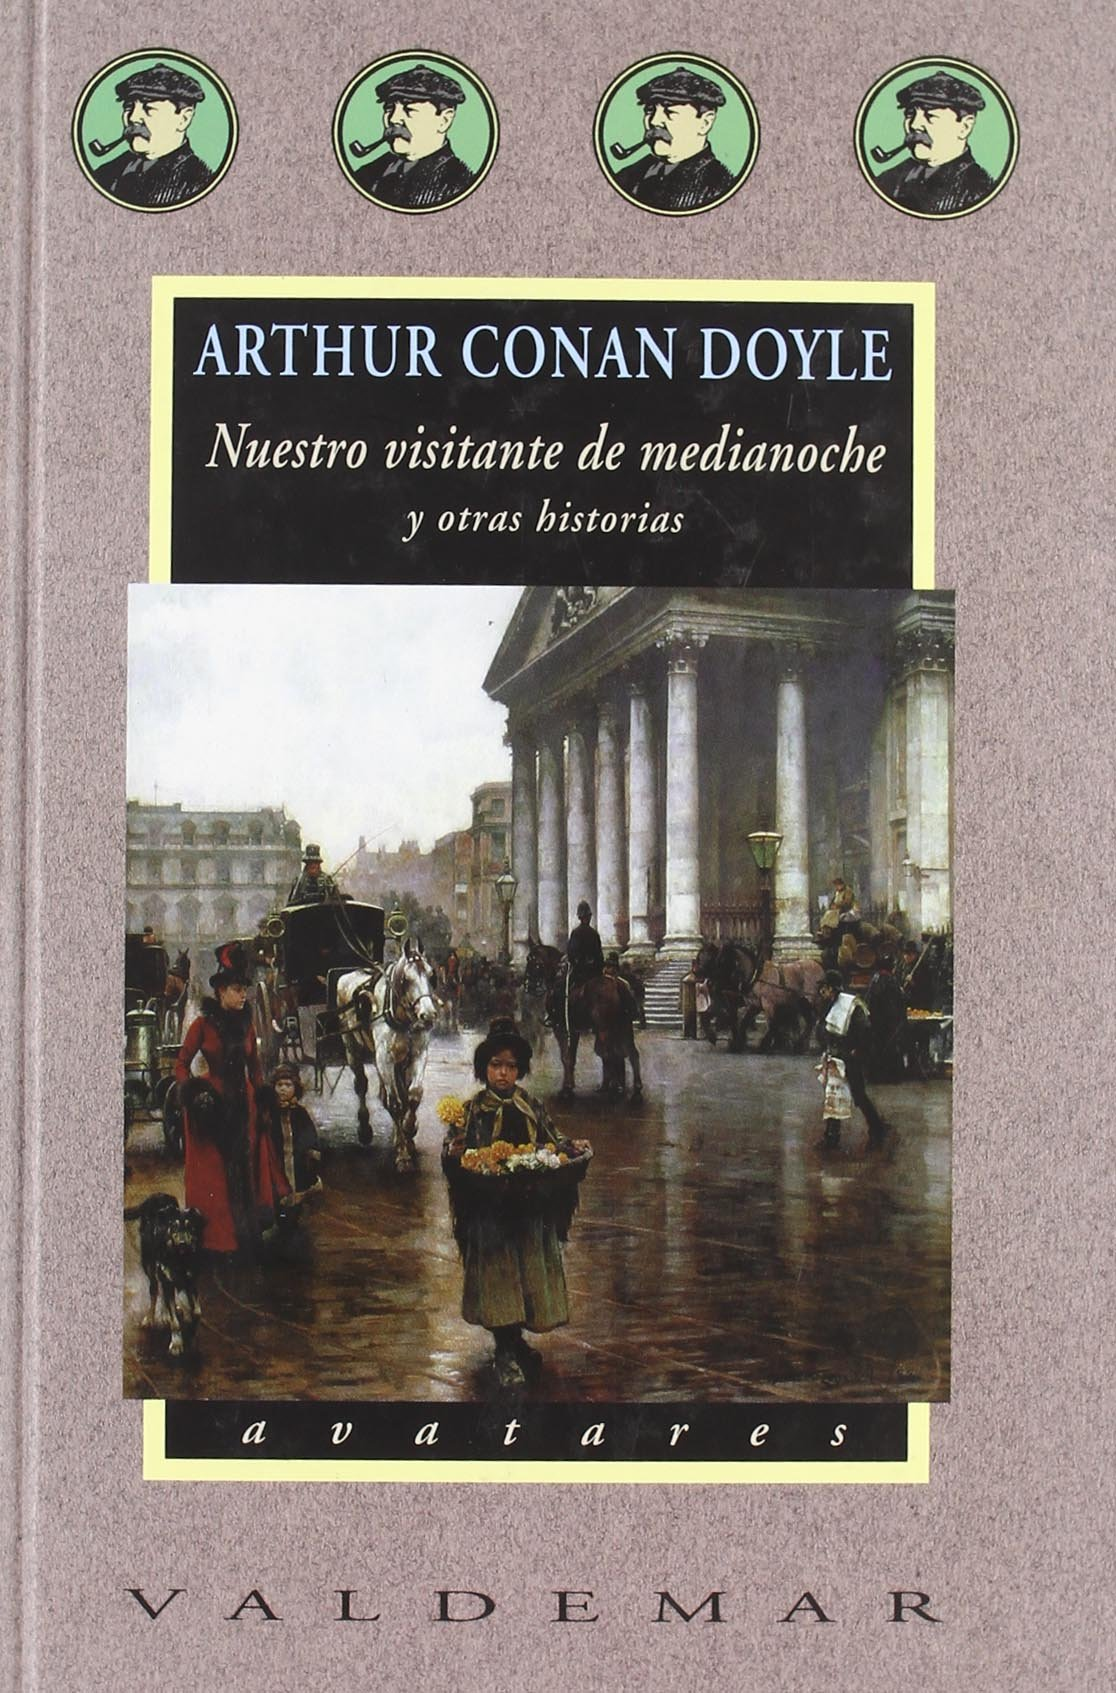 Nuestro visitante de medianoche: y otras historias (Avatares) Tapa dura – 1 feb 2001 Arthur Conan Doyle Valdemar 8477023395 751842